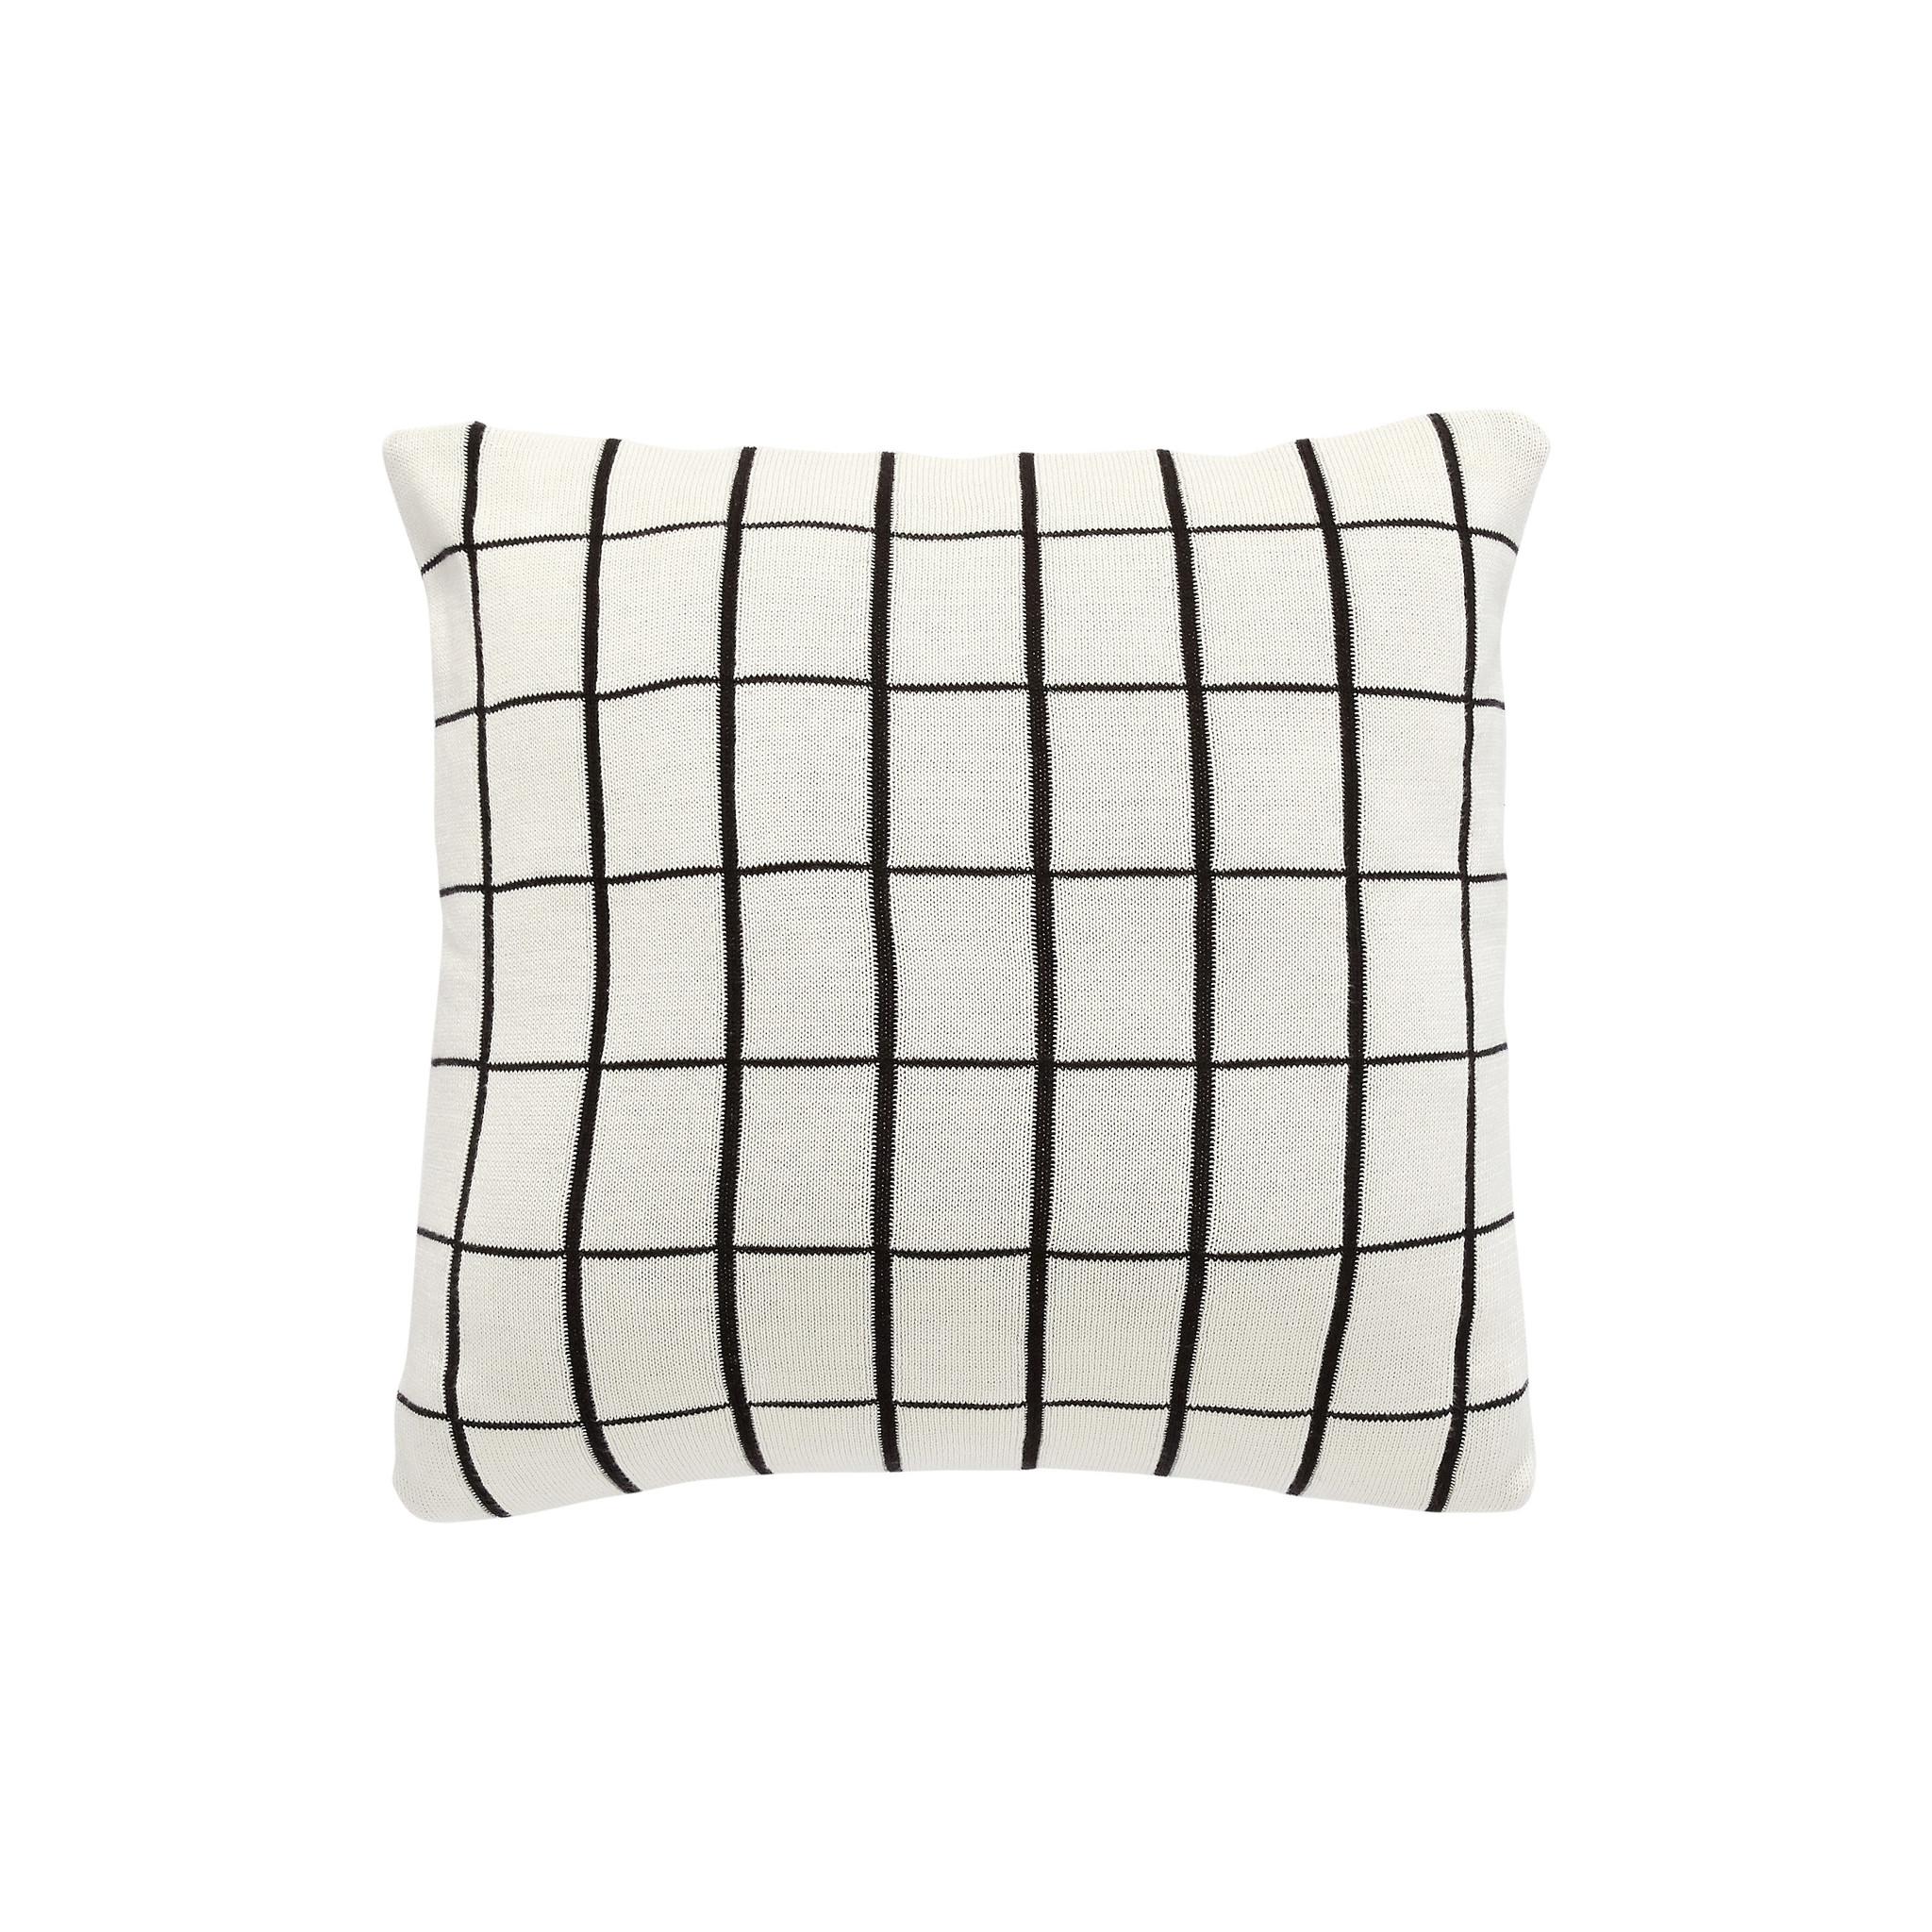 Hubsch Kussen met patroon, katoen, wit / zwart